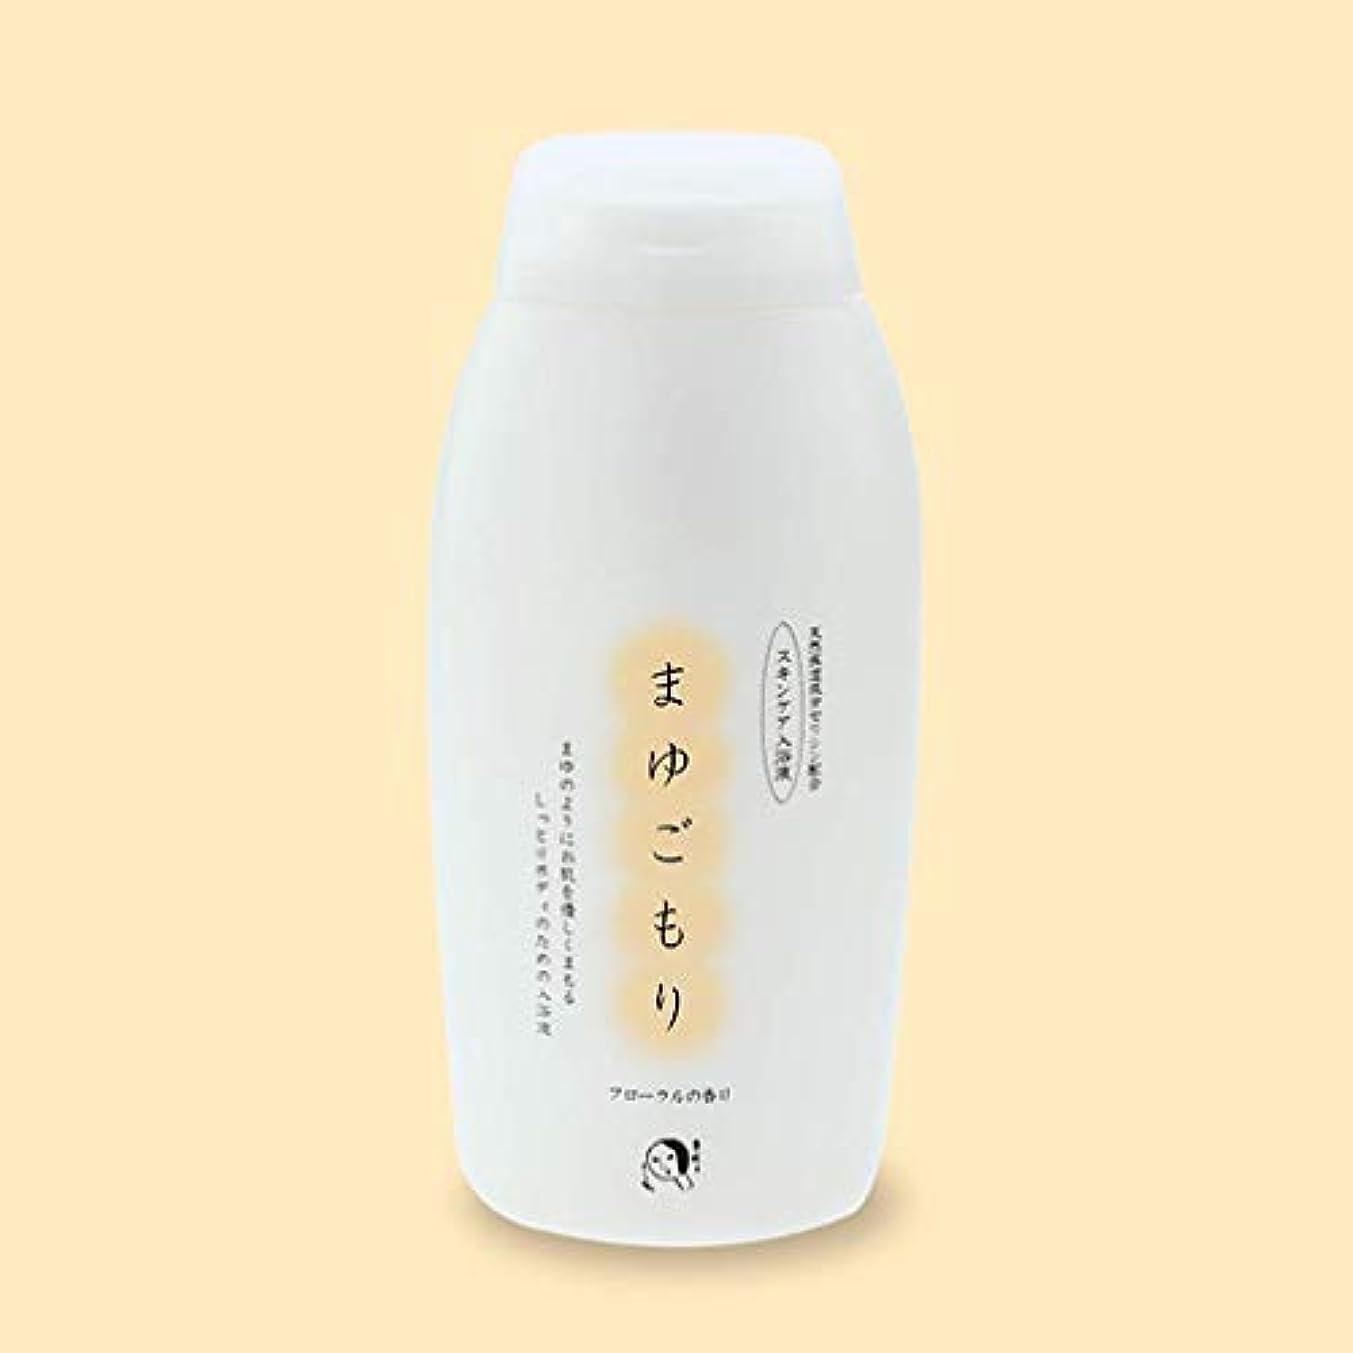 村パンフレット勇気のあるよーじや まゆごもり入浴液(ボトルタイプ) 250ml(11回分)